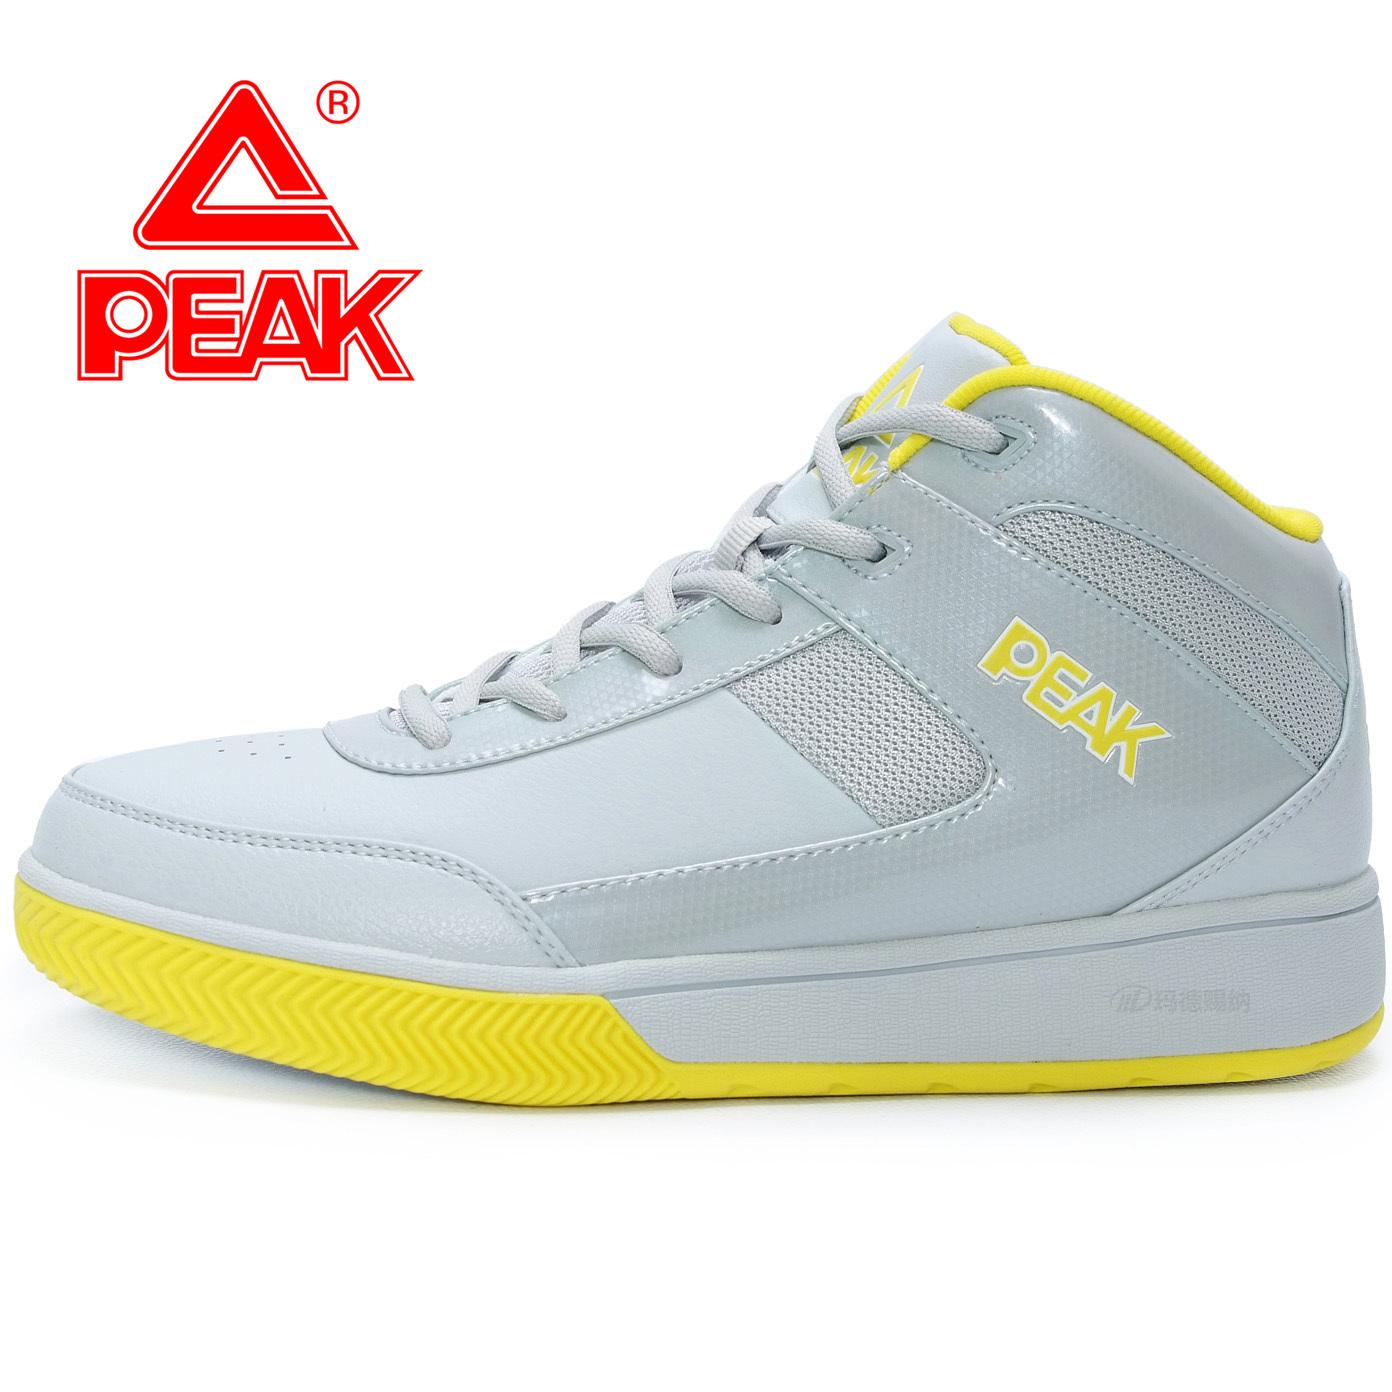 包邮匹克peak 男鞋 2012新品正品运动鞋 耐磨水泥地篮球鞋E22241A